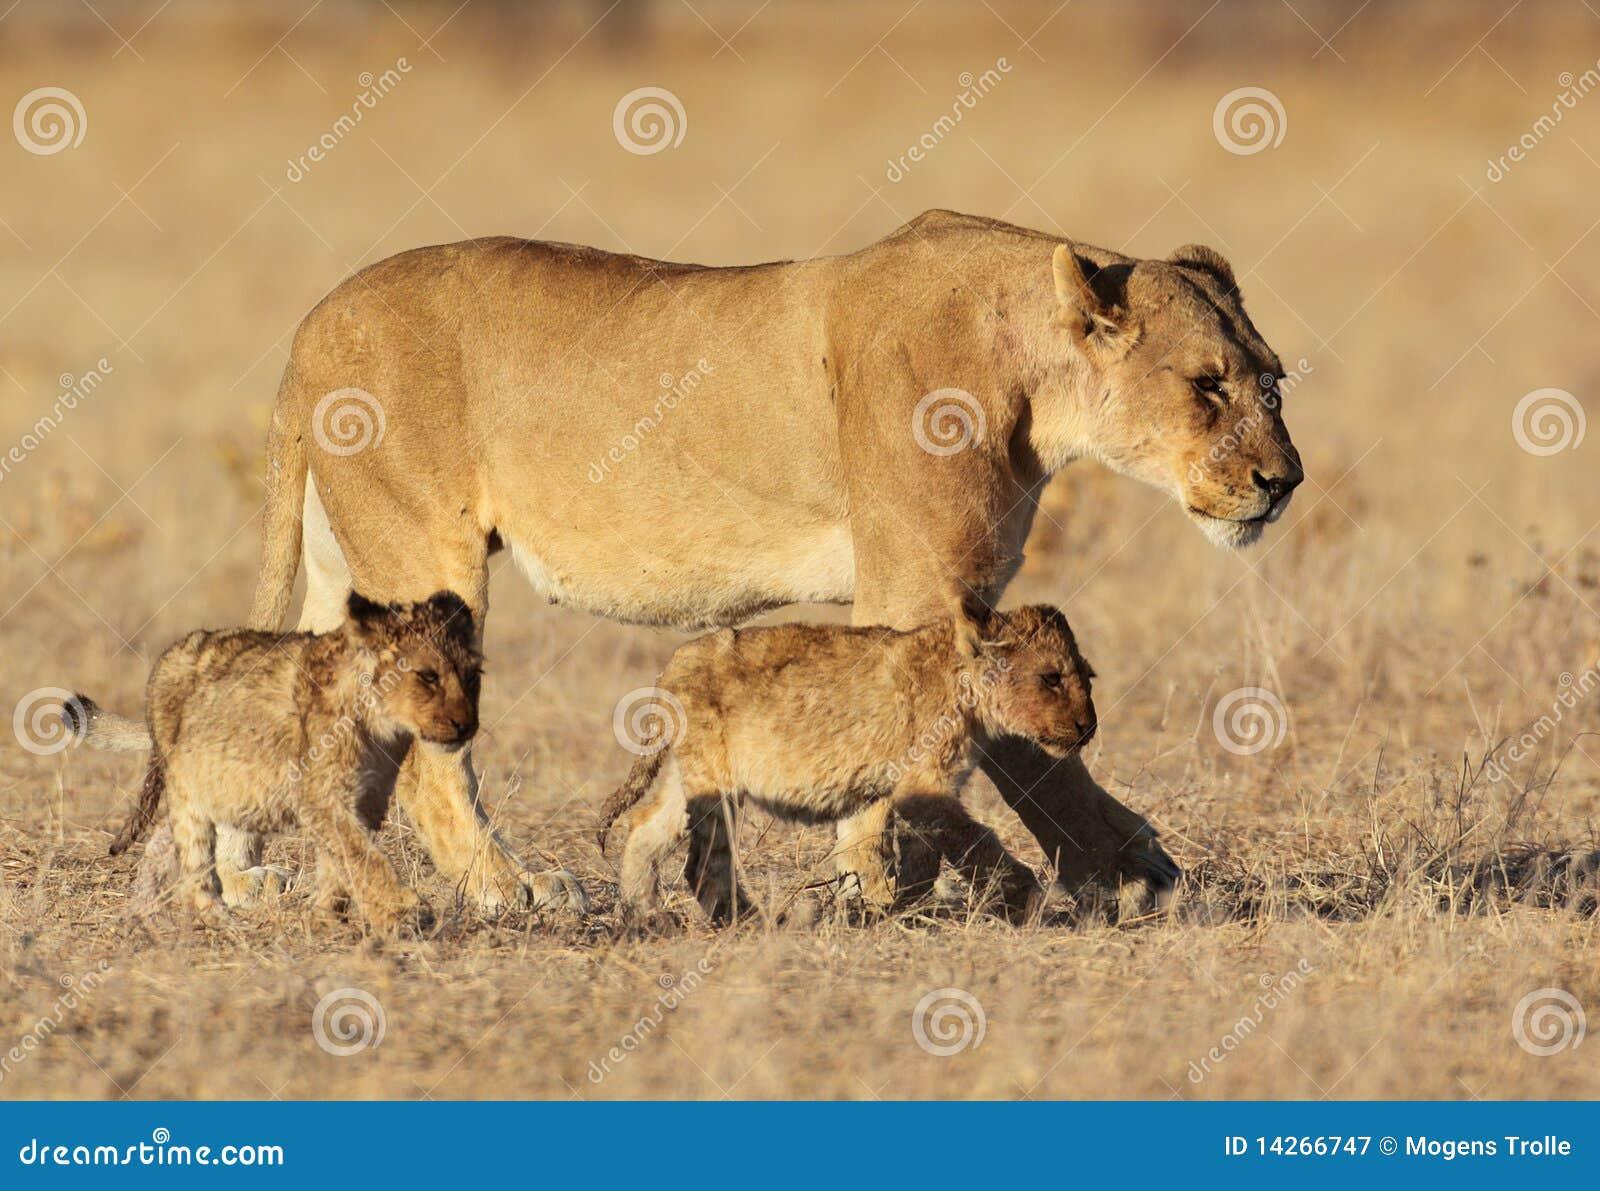 Lion family in golden sunrise light